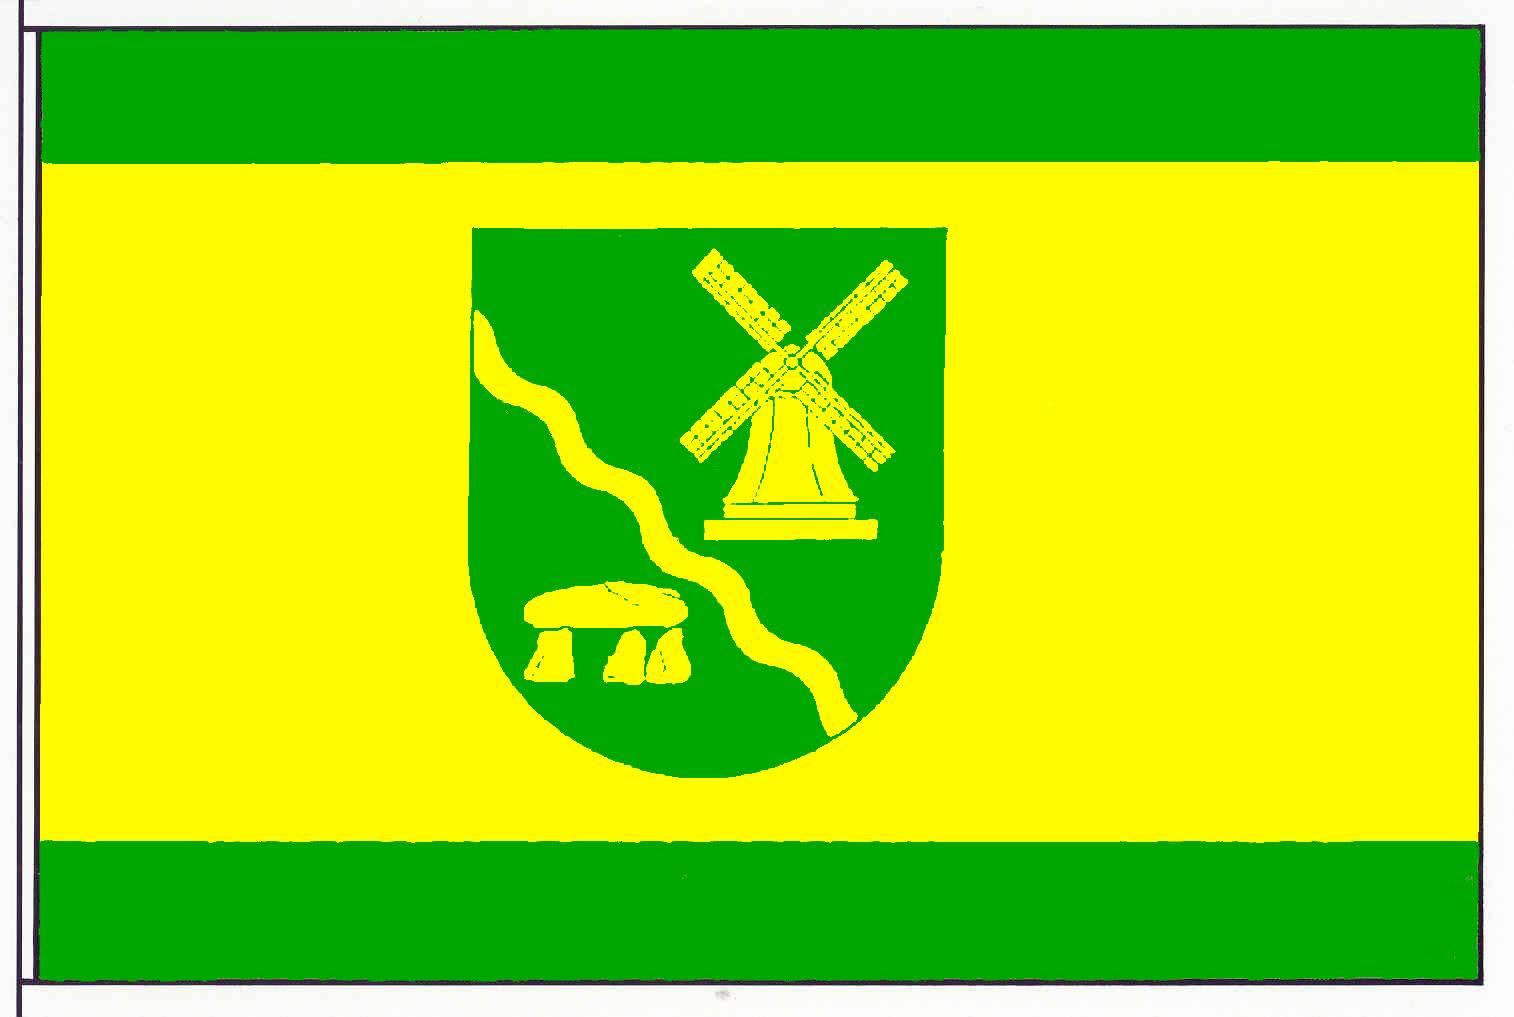 Flagge GemeindeWensin, Kreis Segeberg